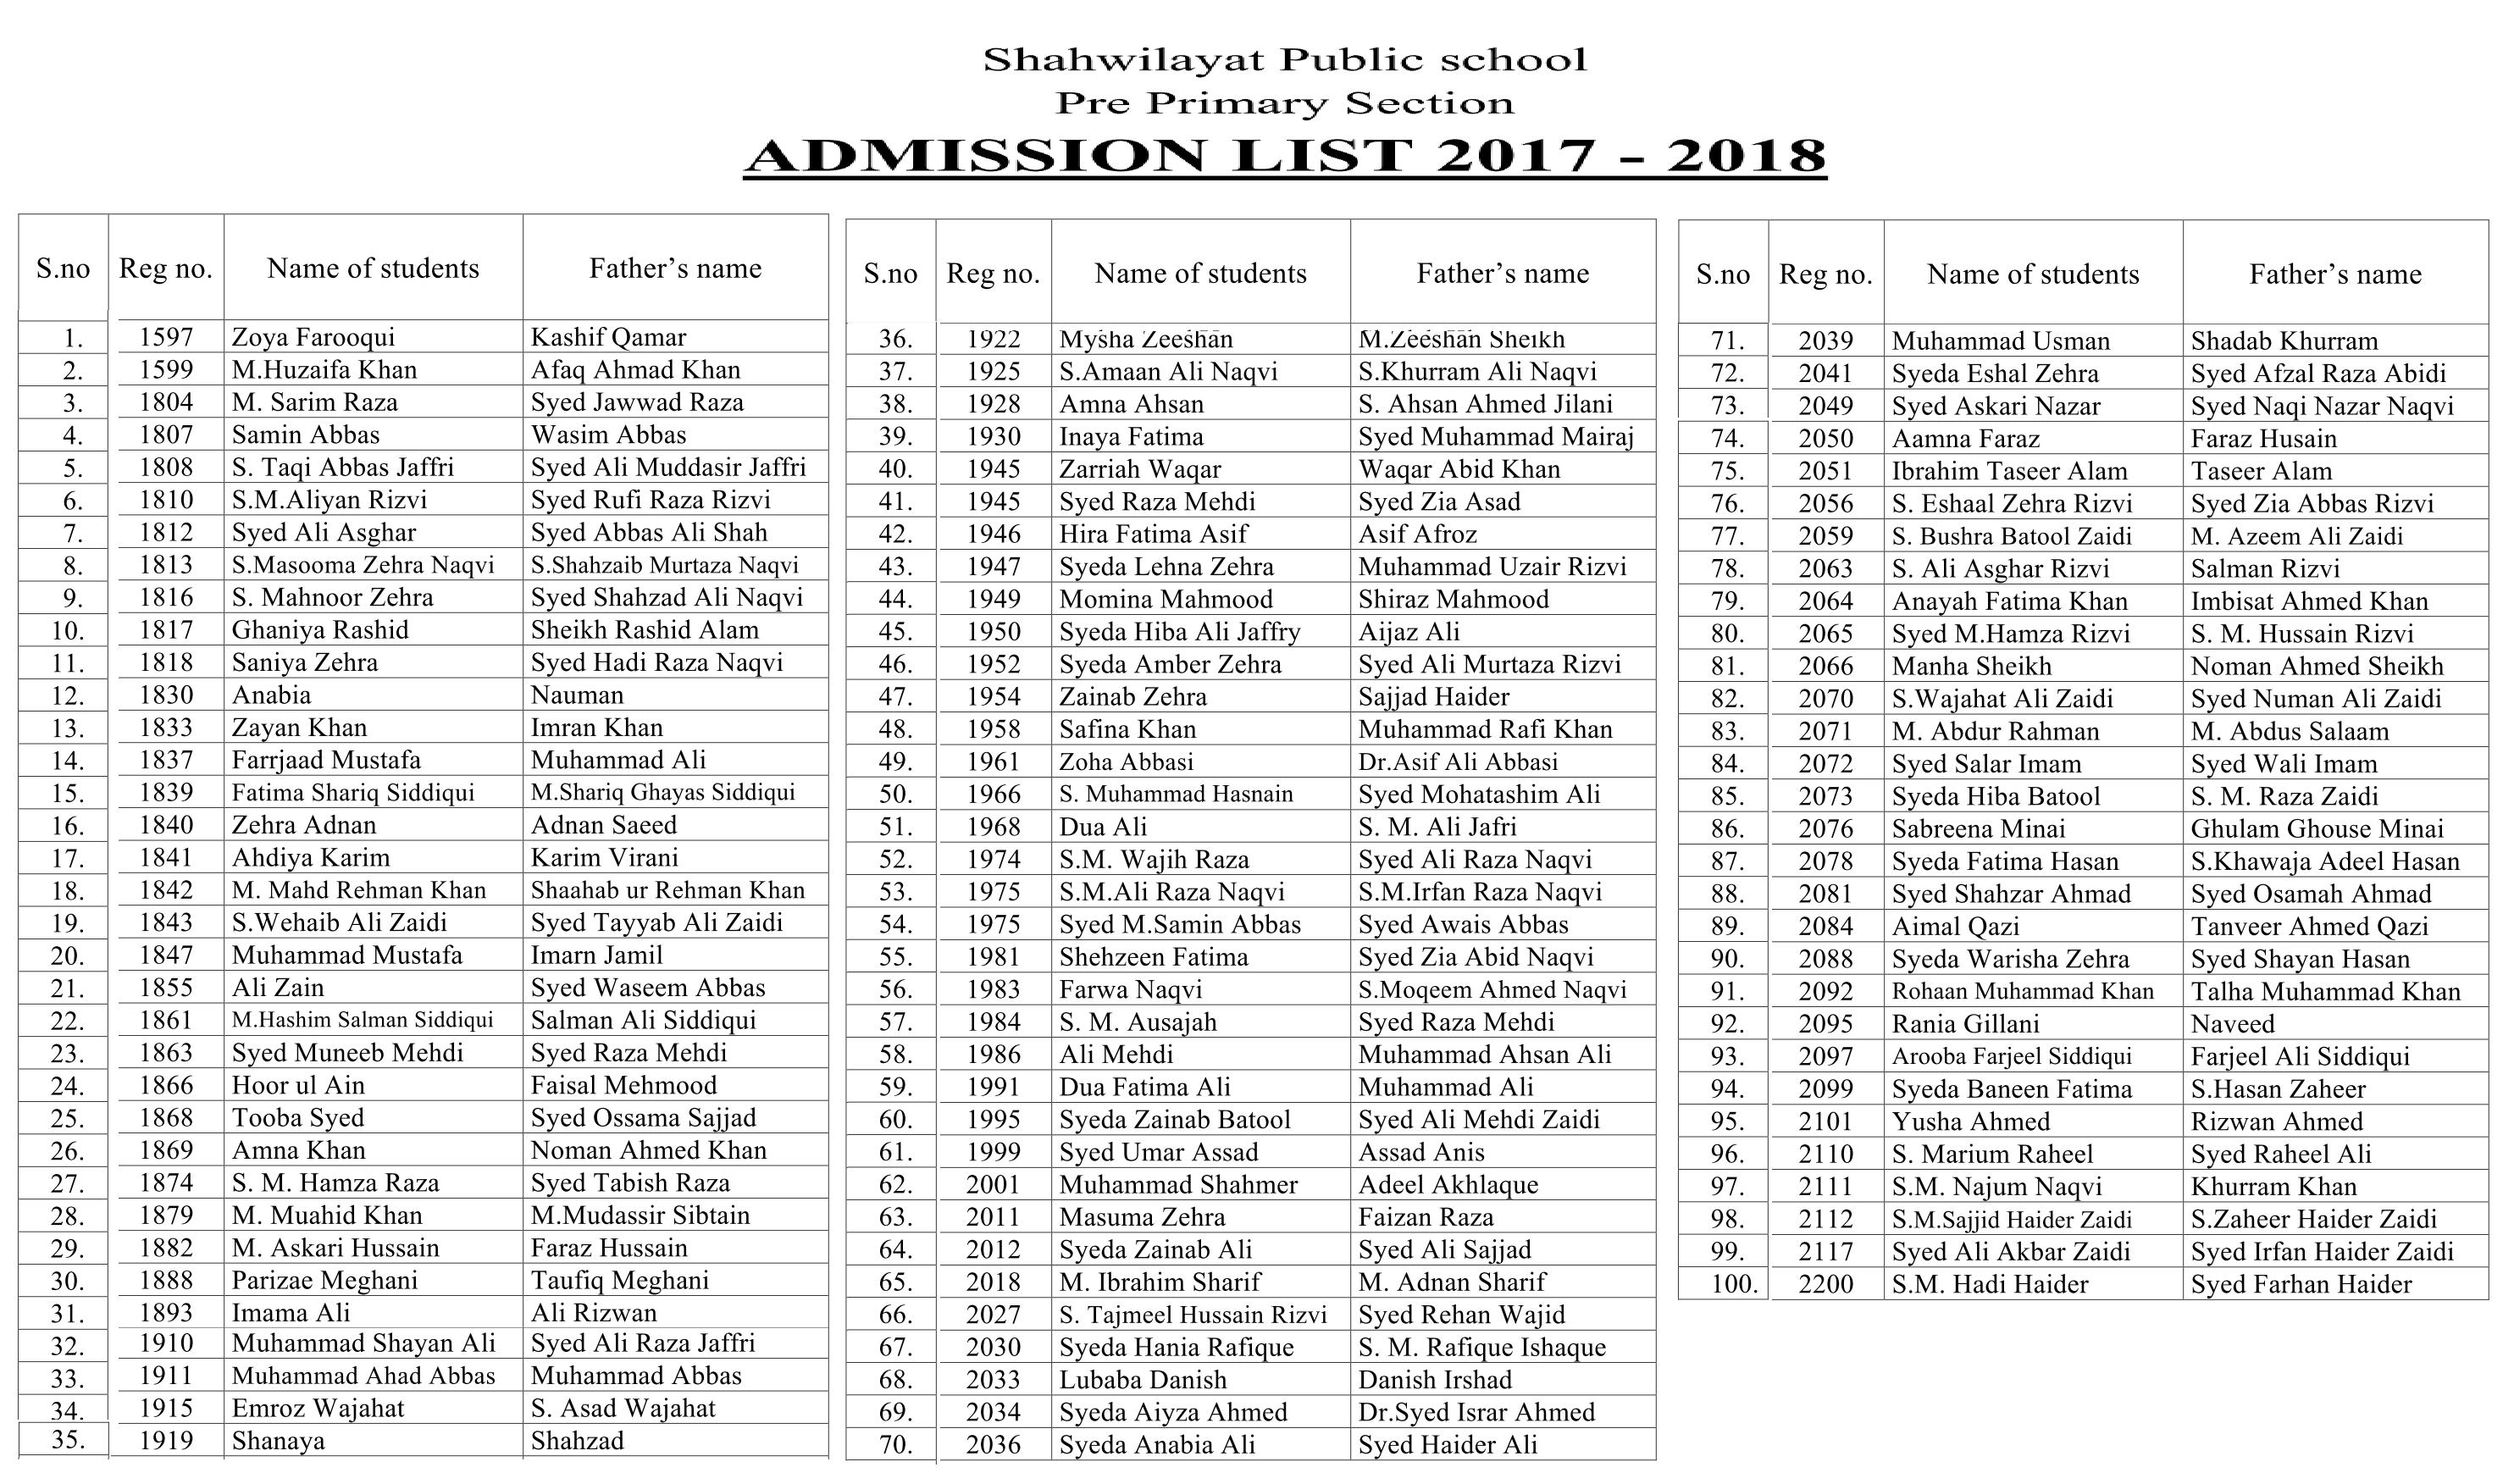 ADMISSION LIST 2017